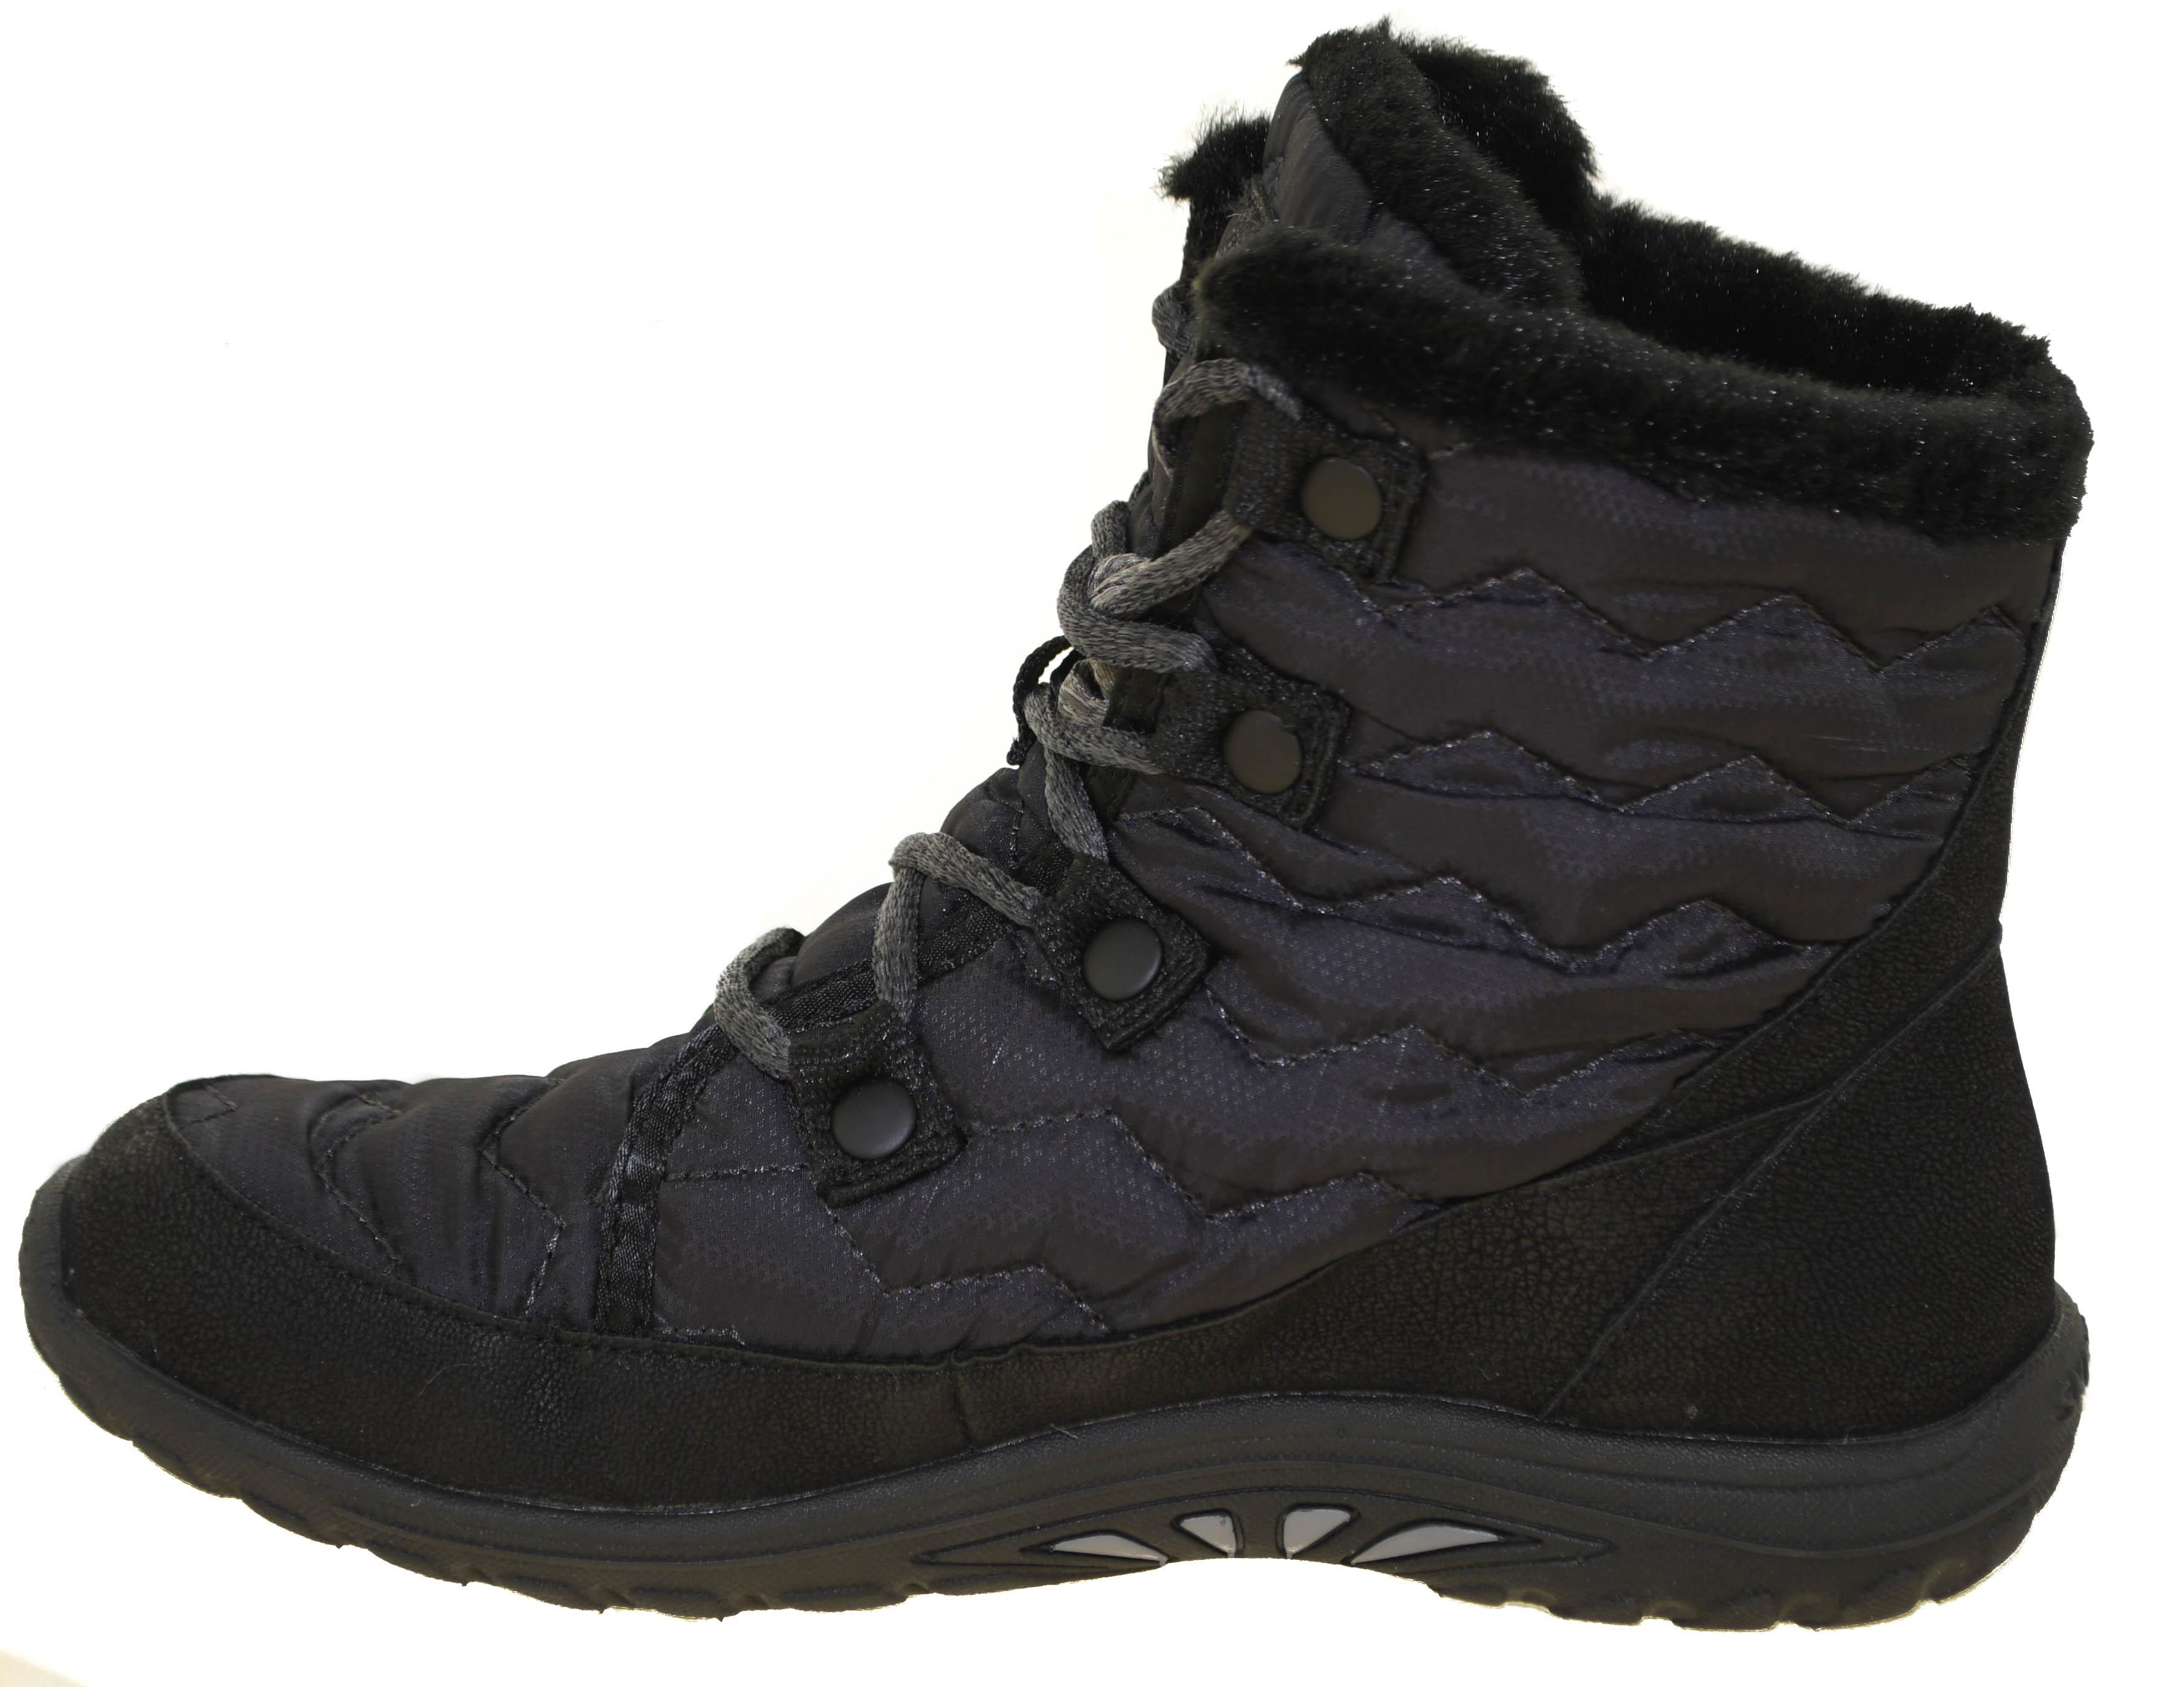 b7e1d9432e12 Skechers Women s Reggae Fest-Vector Ankle Bootie Style 49434 BLK